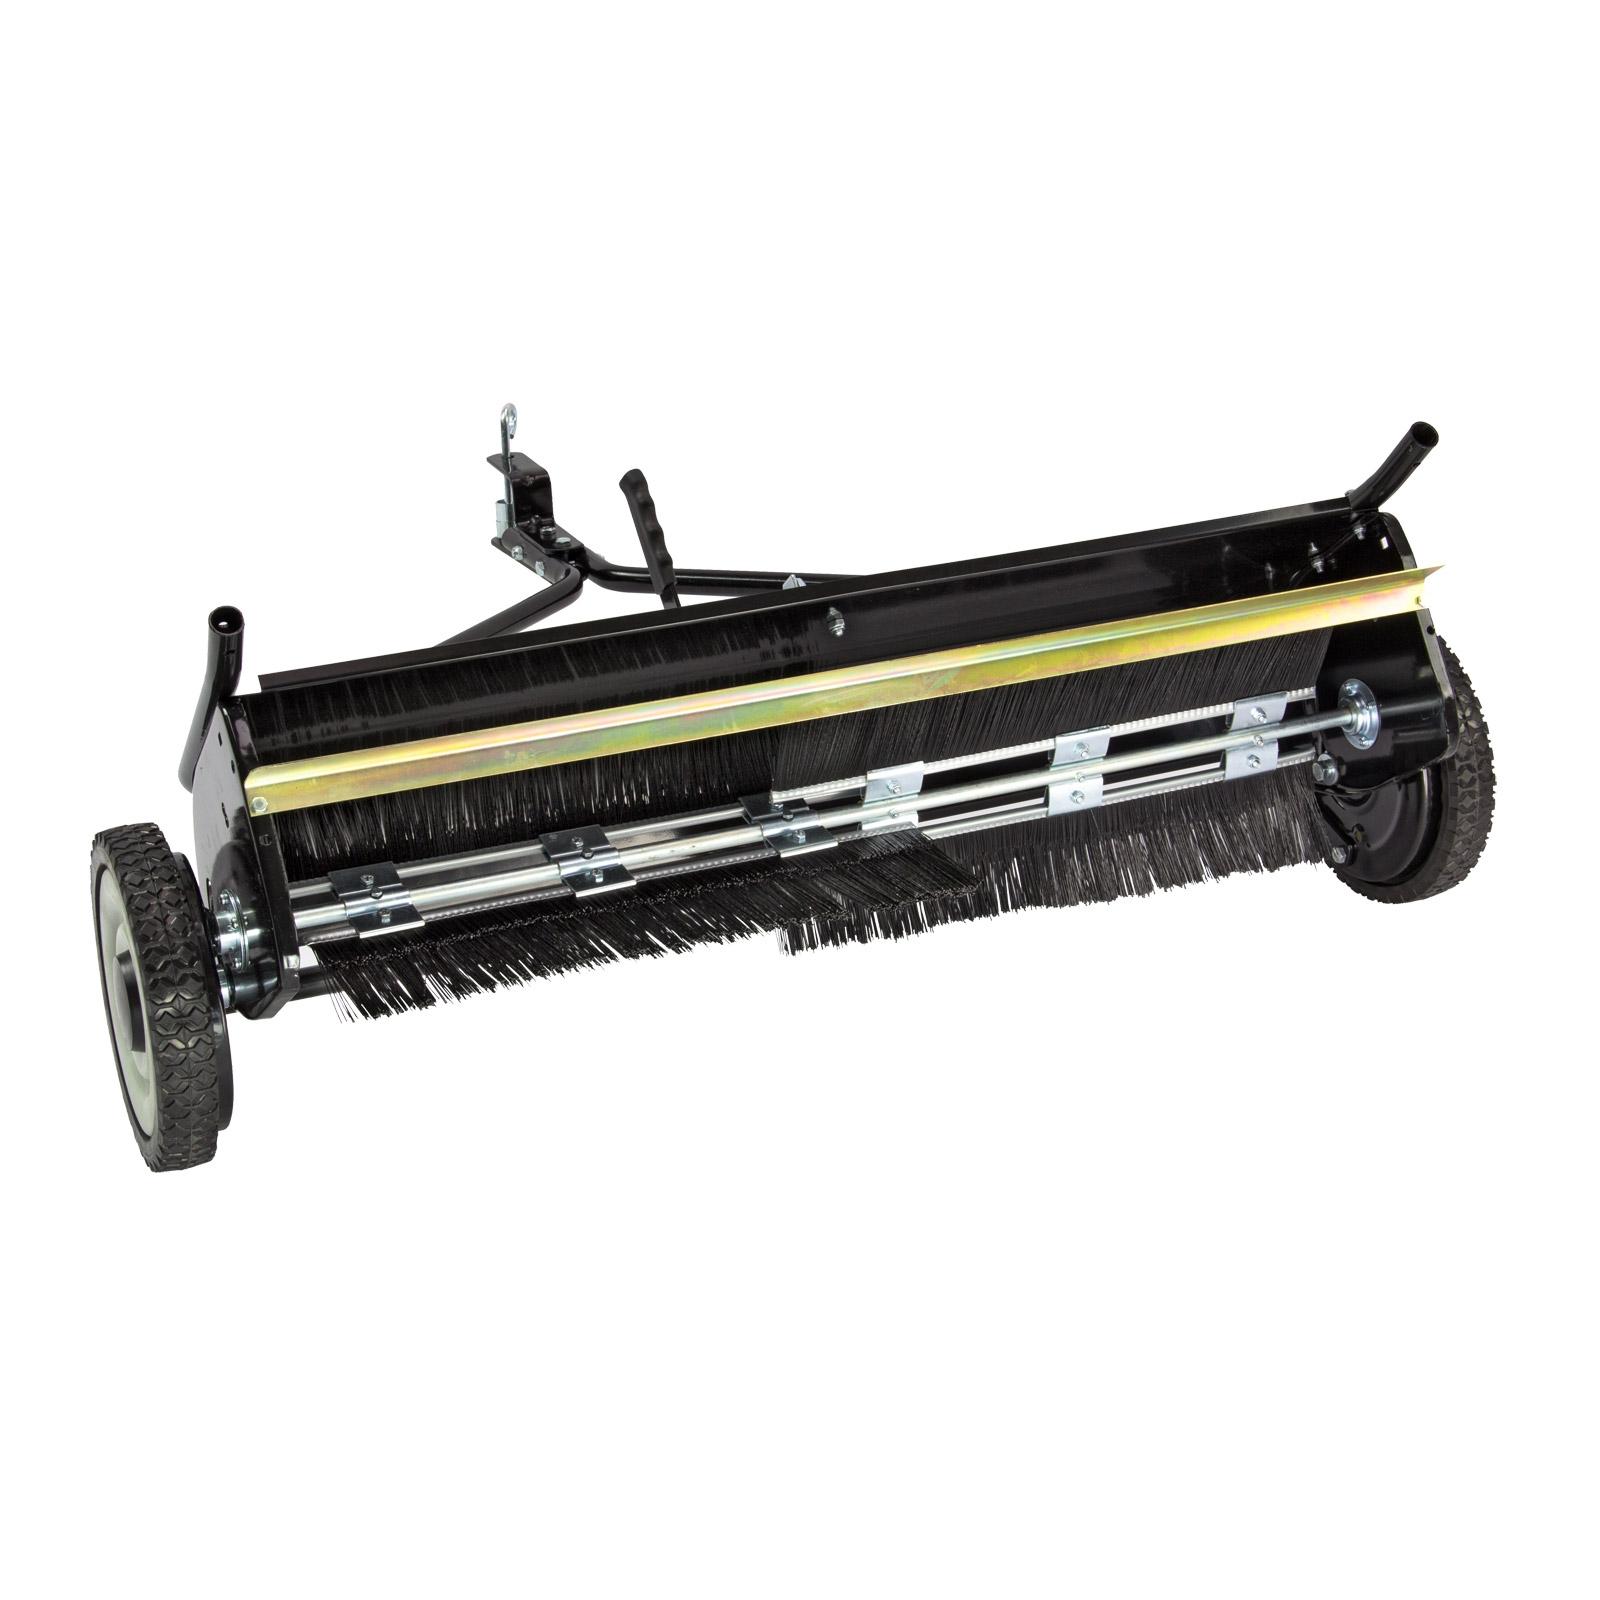 Dema Rasenkehrmaschine / Laubkehrmaschine / Rasenkehrer für Rasentraktor 95cm 24996